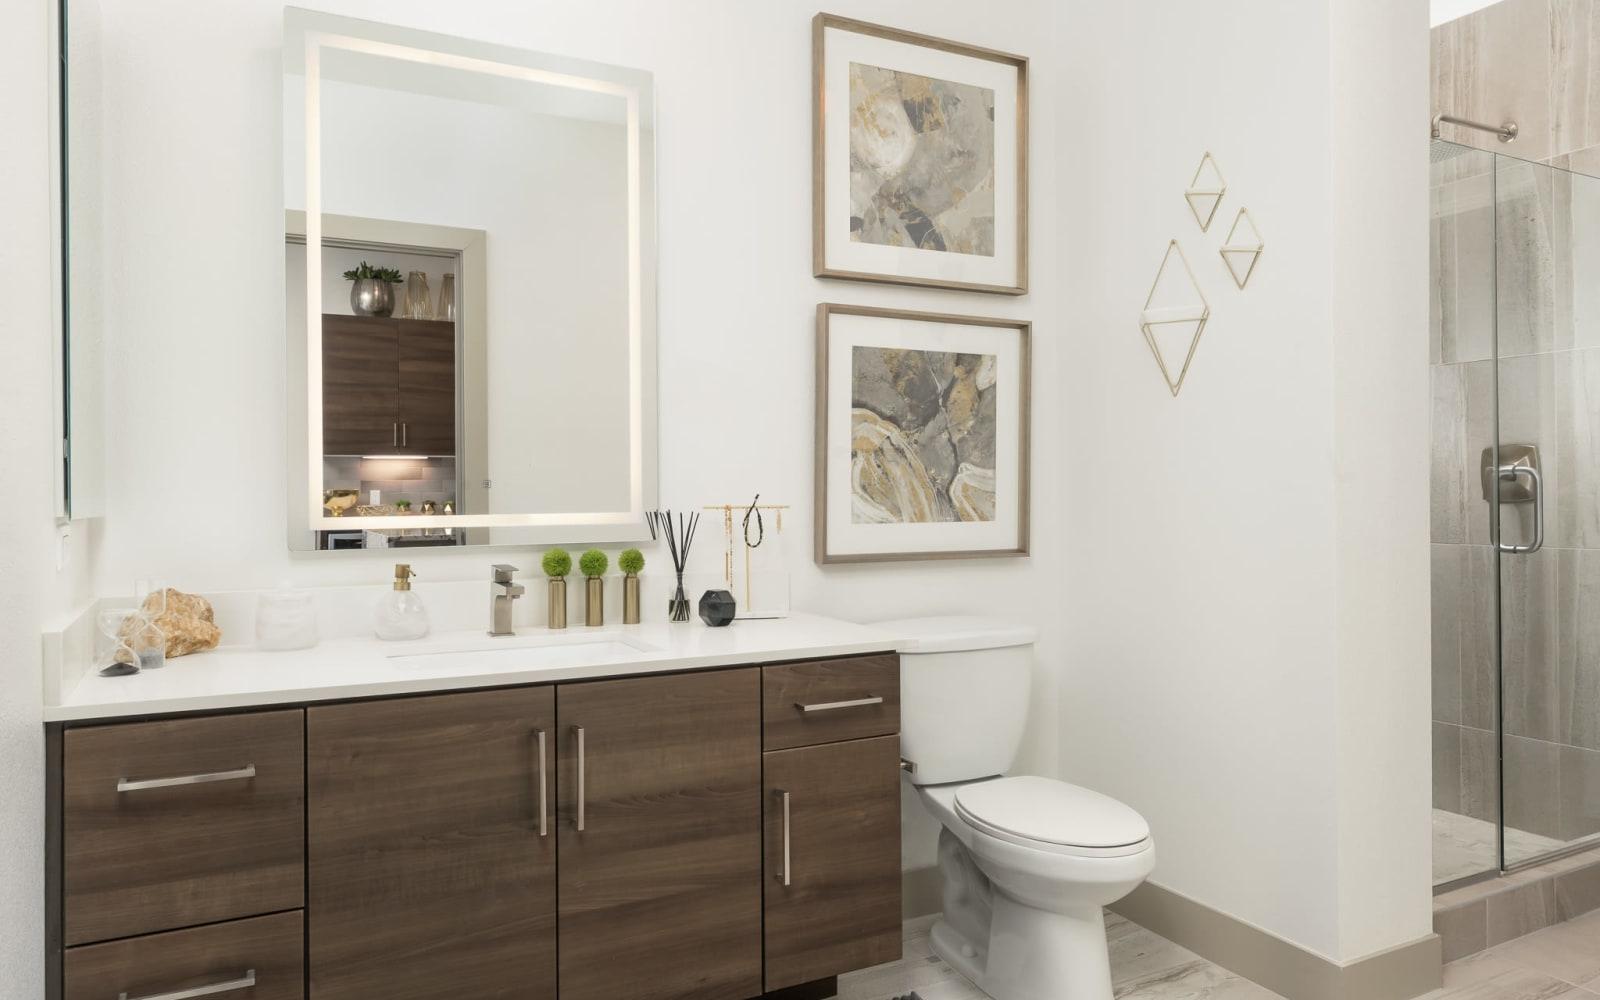 District at Scottsdale Bathroom Vanity